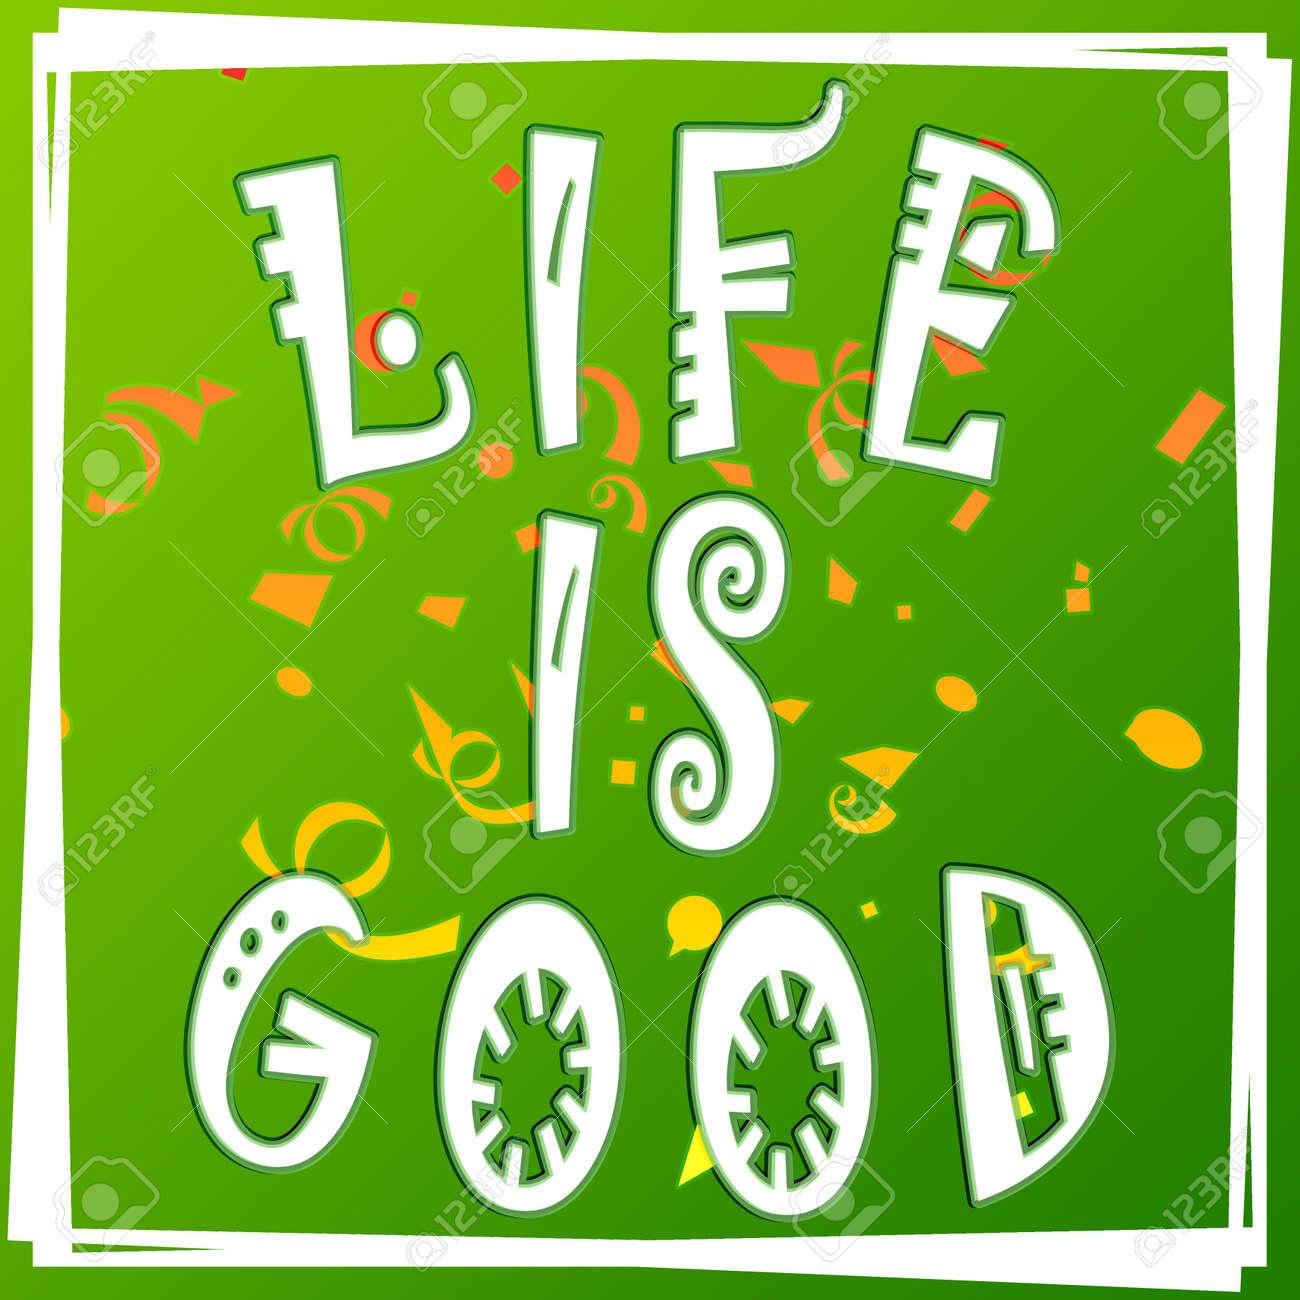 La Vie Est Bonne Illustration Fond Vert Concept De Pensée Positive Citation Fun